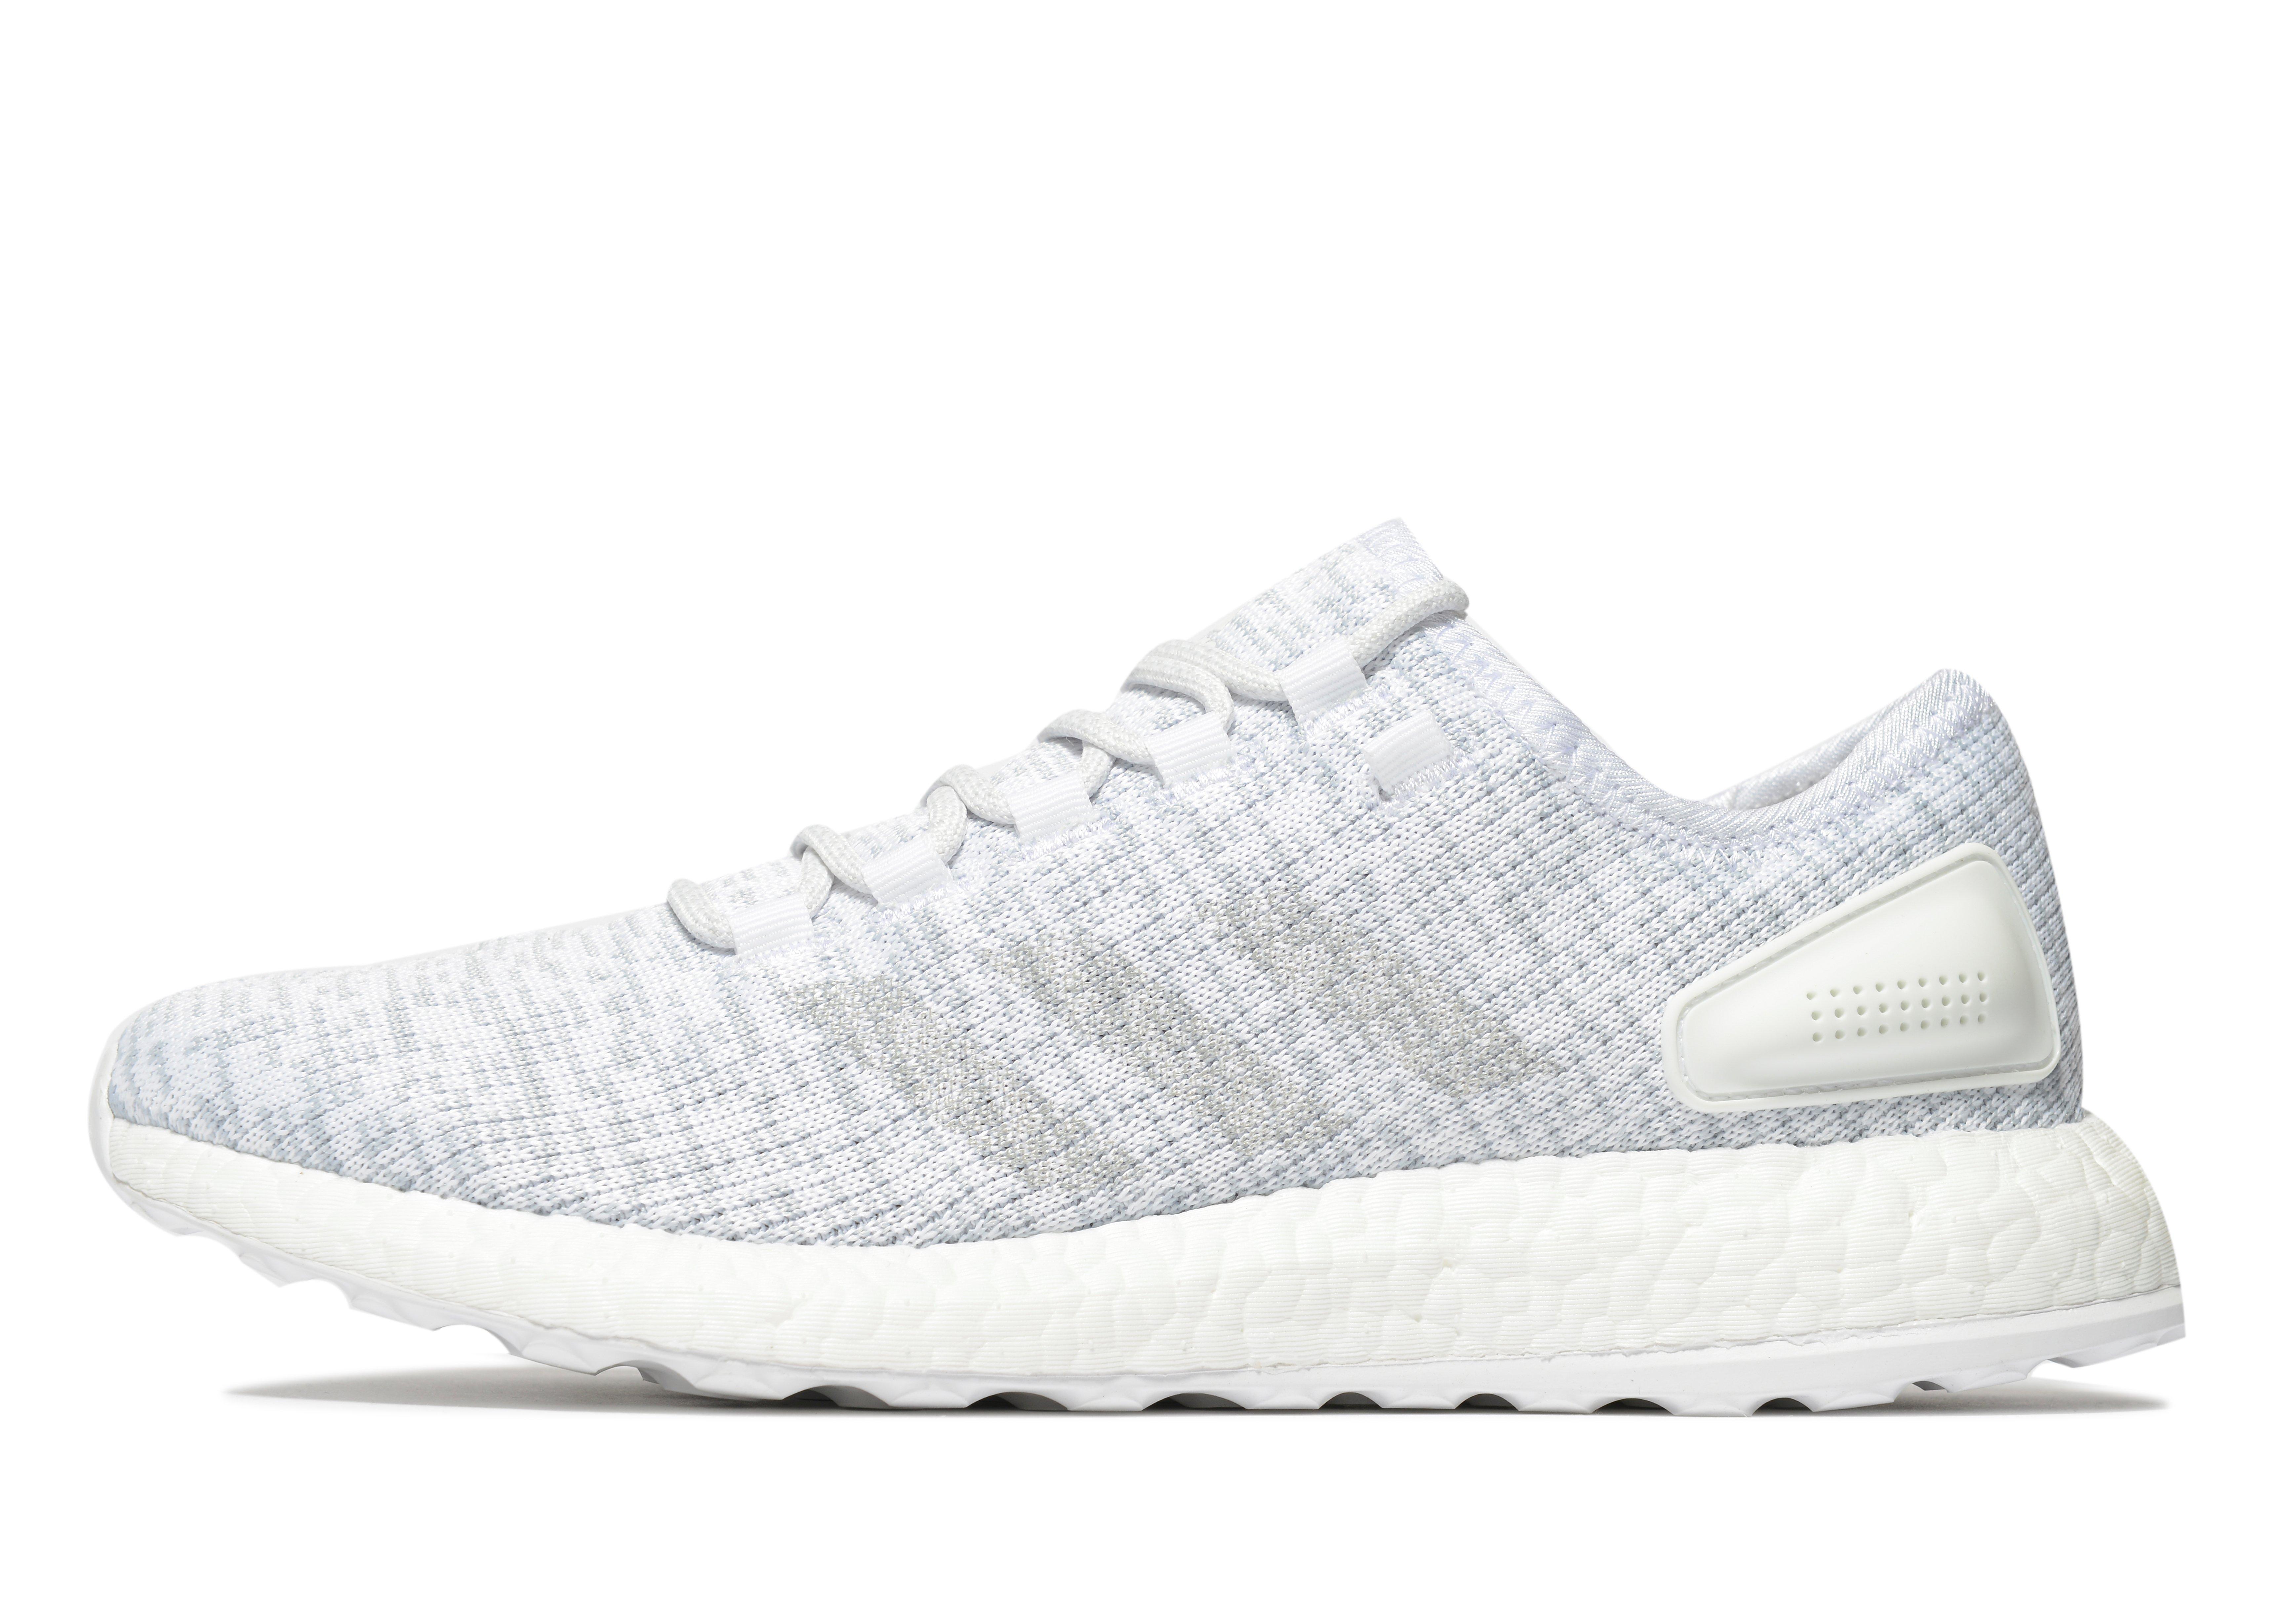 7dea6db76ae8e adidas pure boost shoes - Travbeast